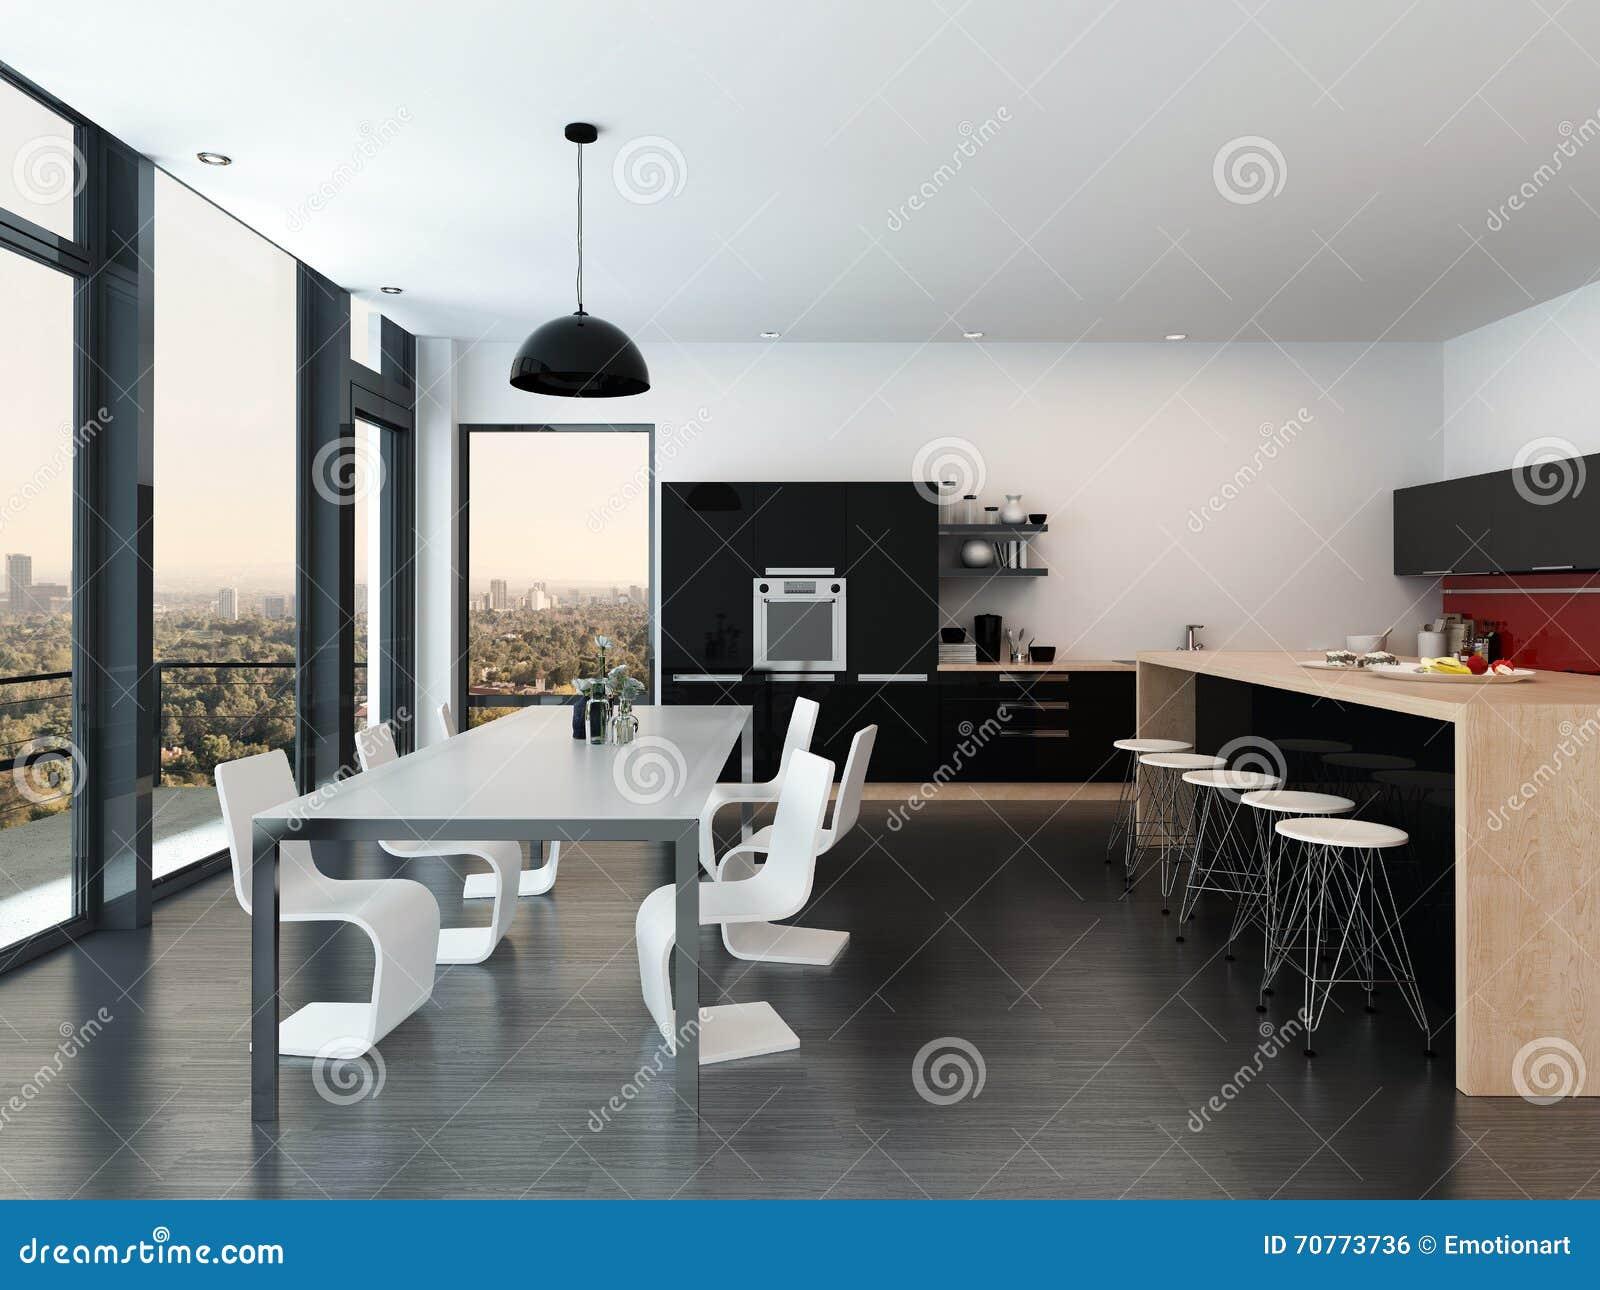 trendy cuisine haut de gamme duouvert plan et salle manger with plan de cuisine ouverte sur. Black Bedroom Furniture Sets. Home Design Ideas